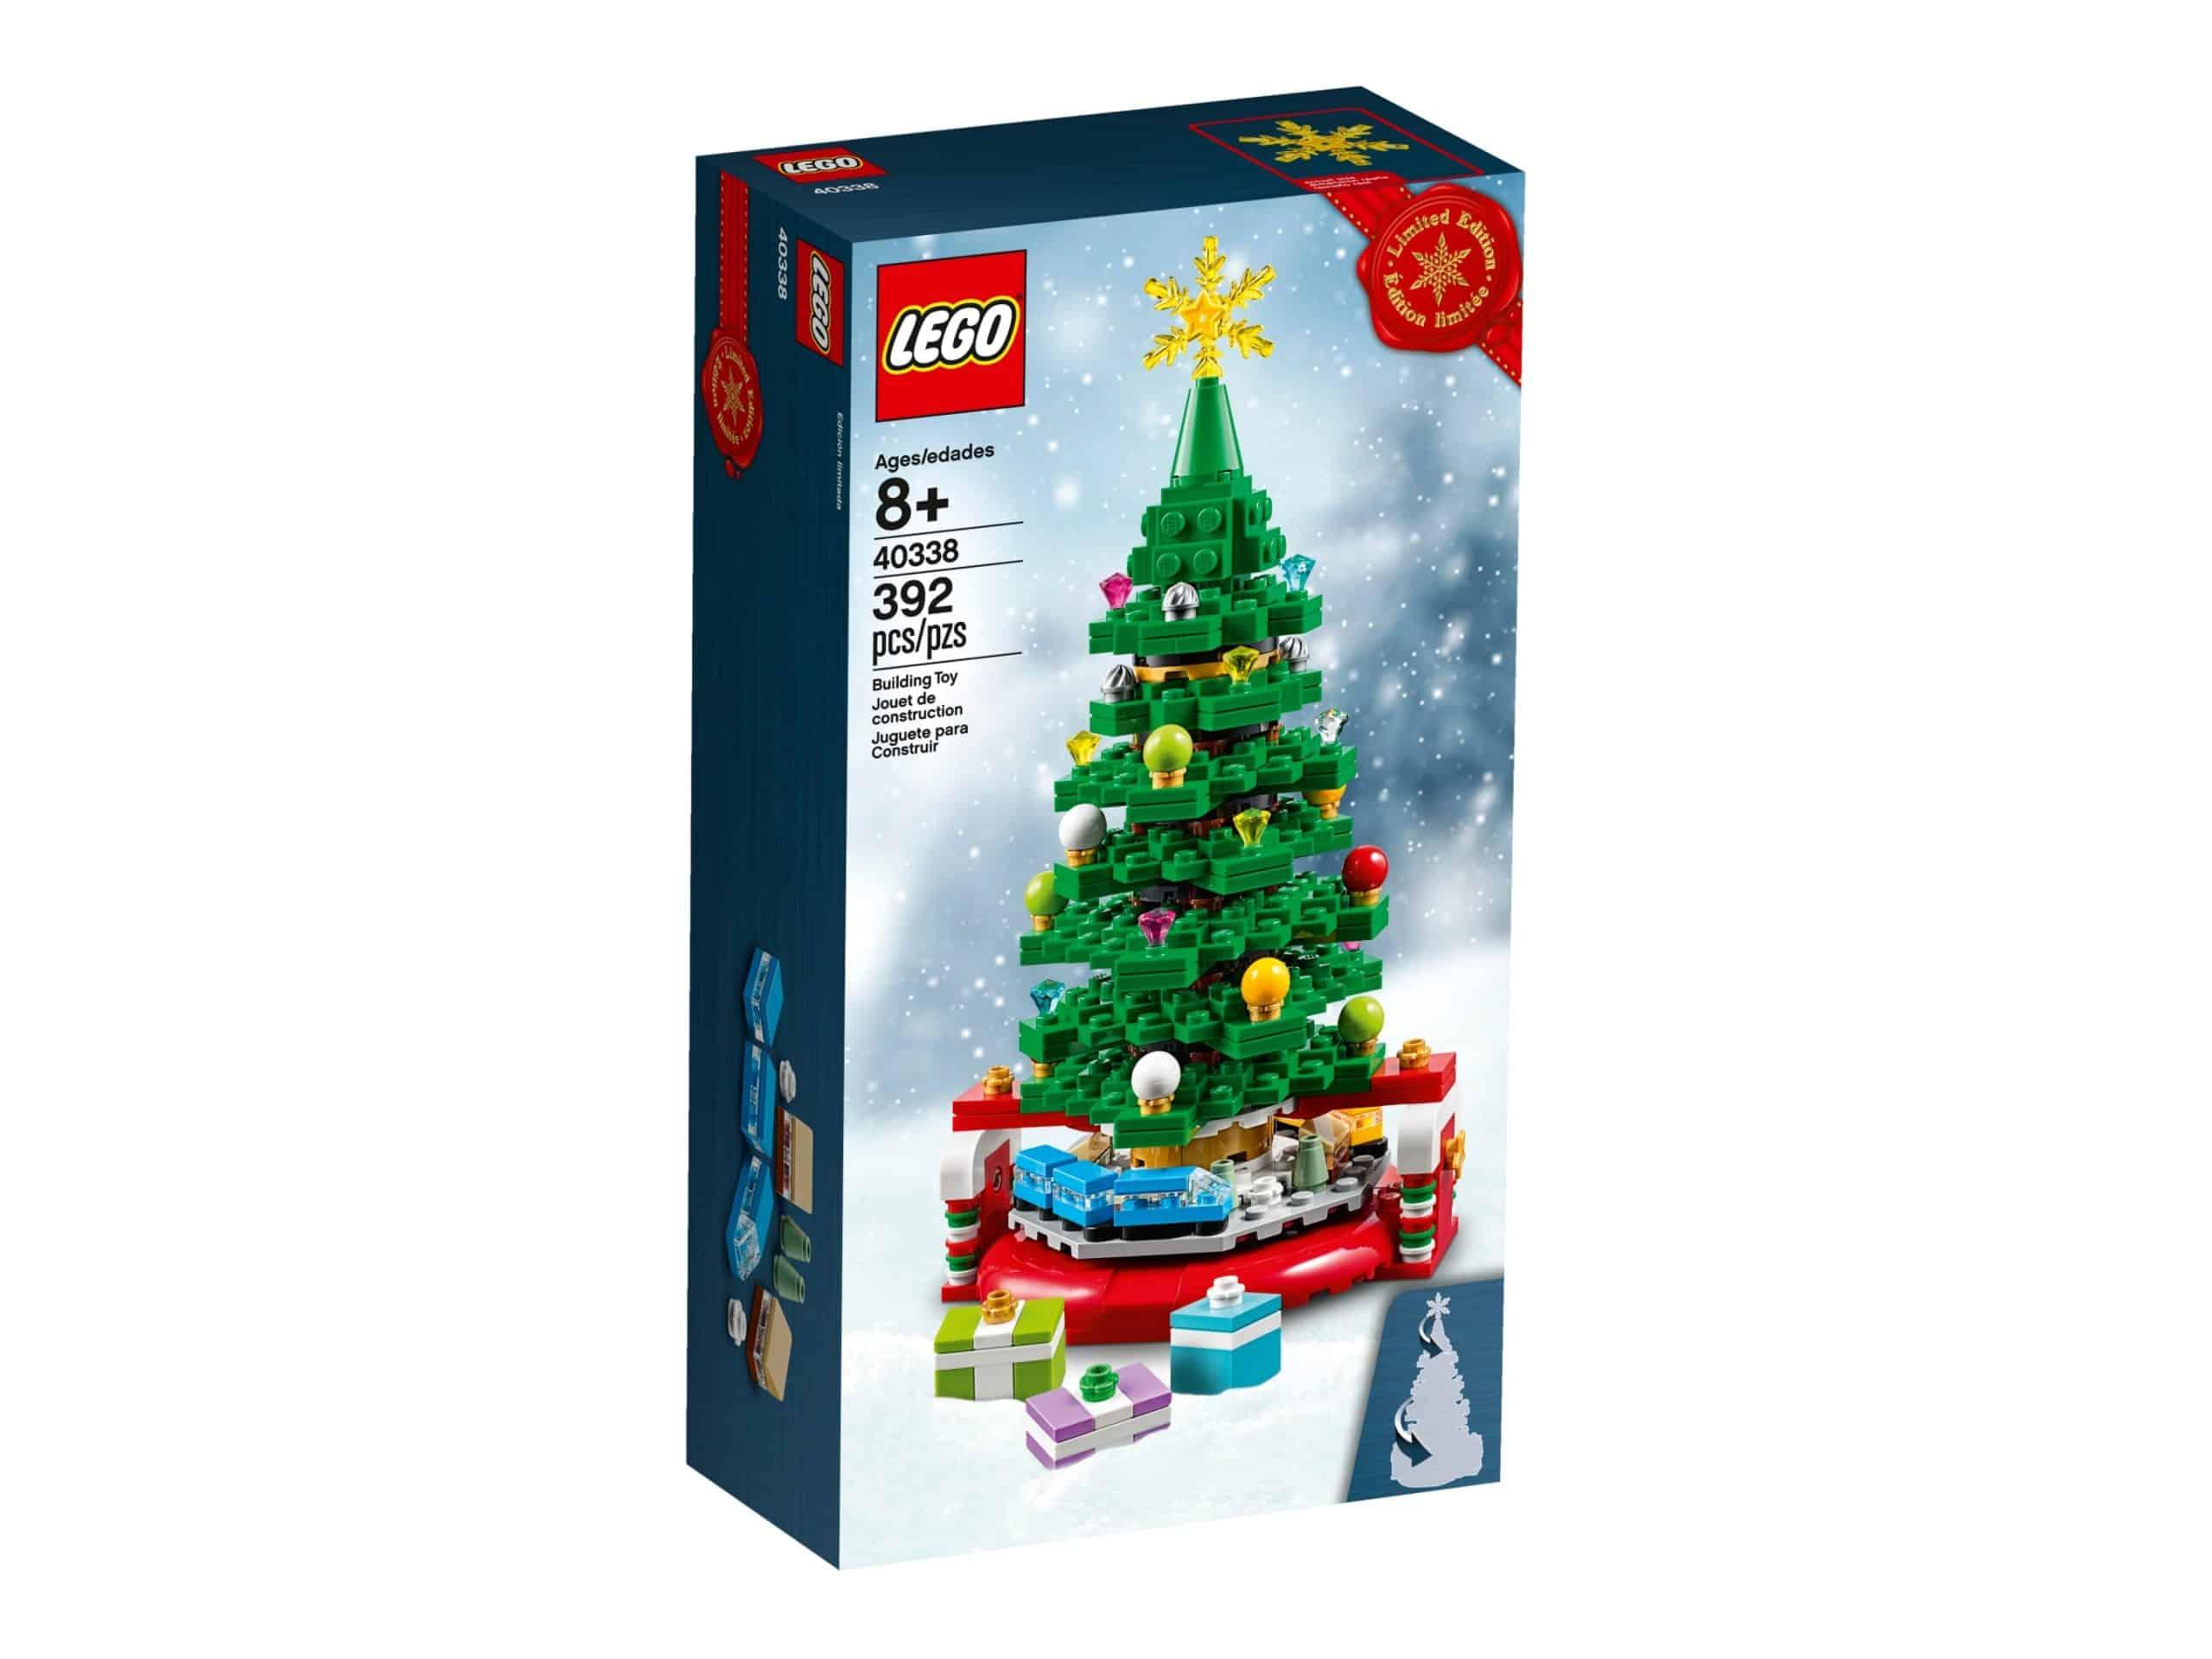 lego 40338 weihnachtsbaum scaled